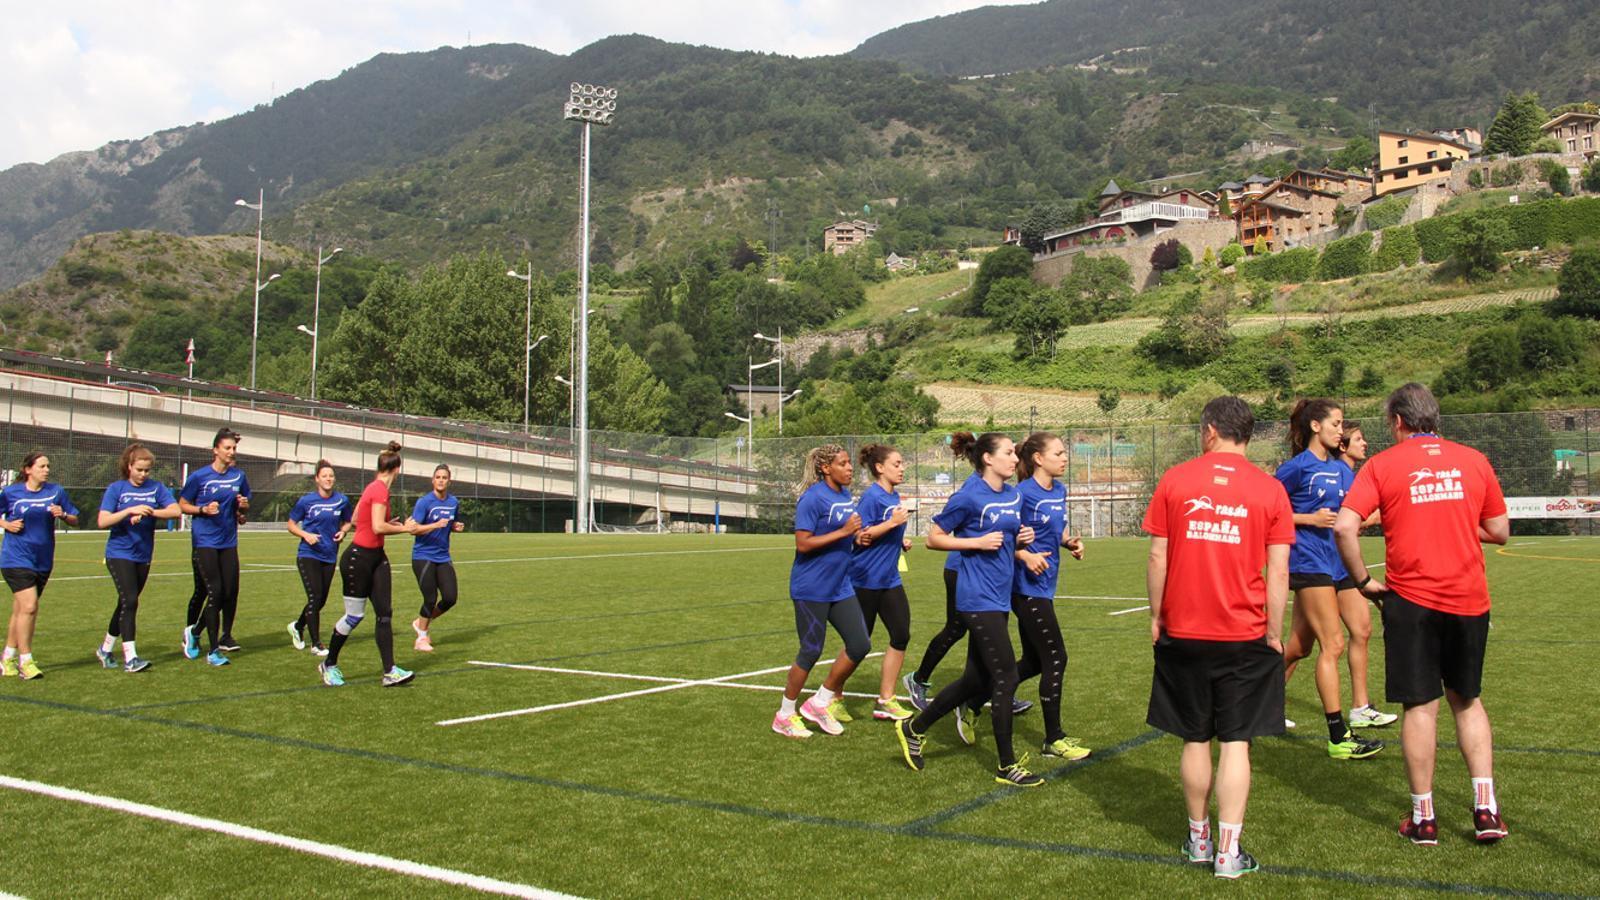 Un moment de l'entrenament de la selecció esoanyola femenina d'handbol a Prada de Moles